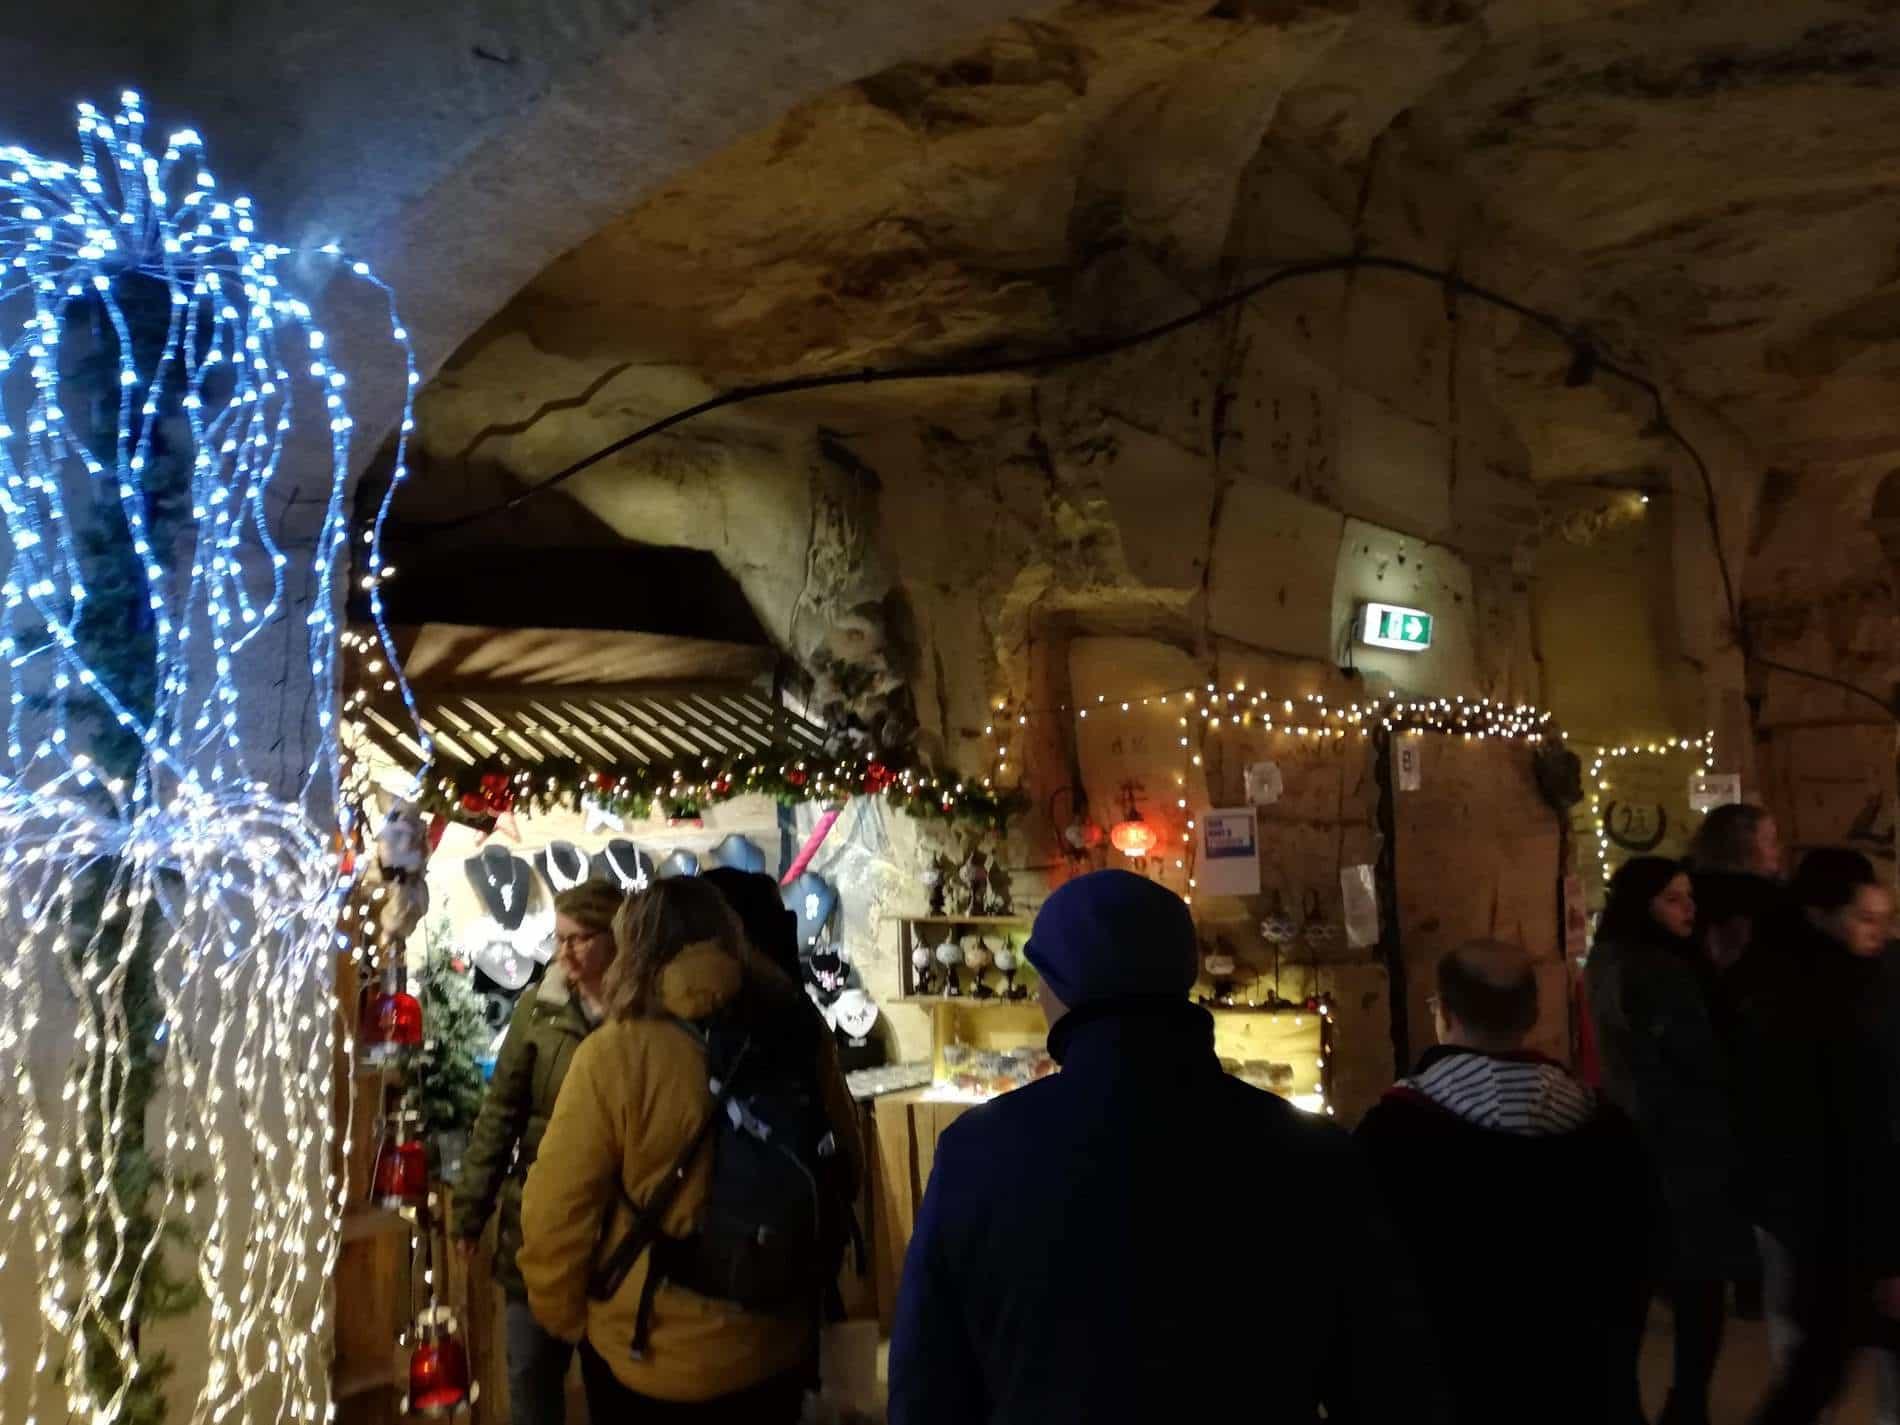 Târgul de Crăciun din peșterile Valkenburg